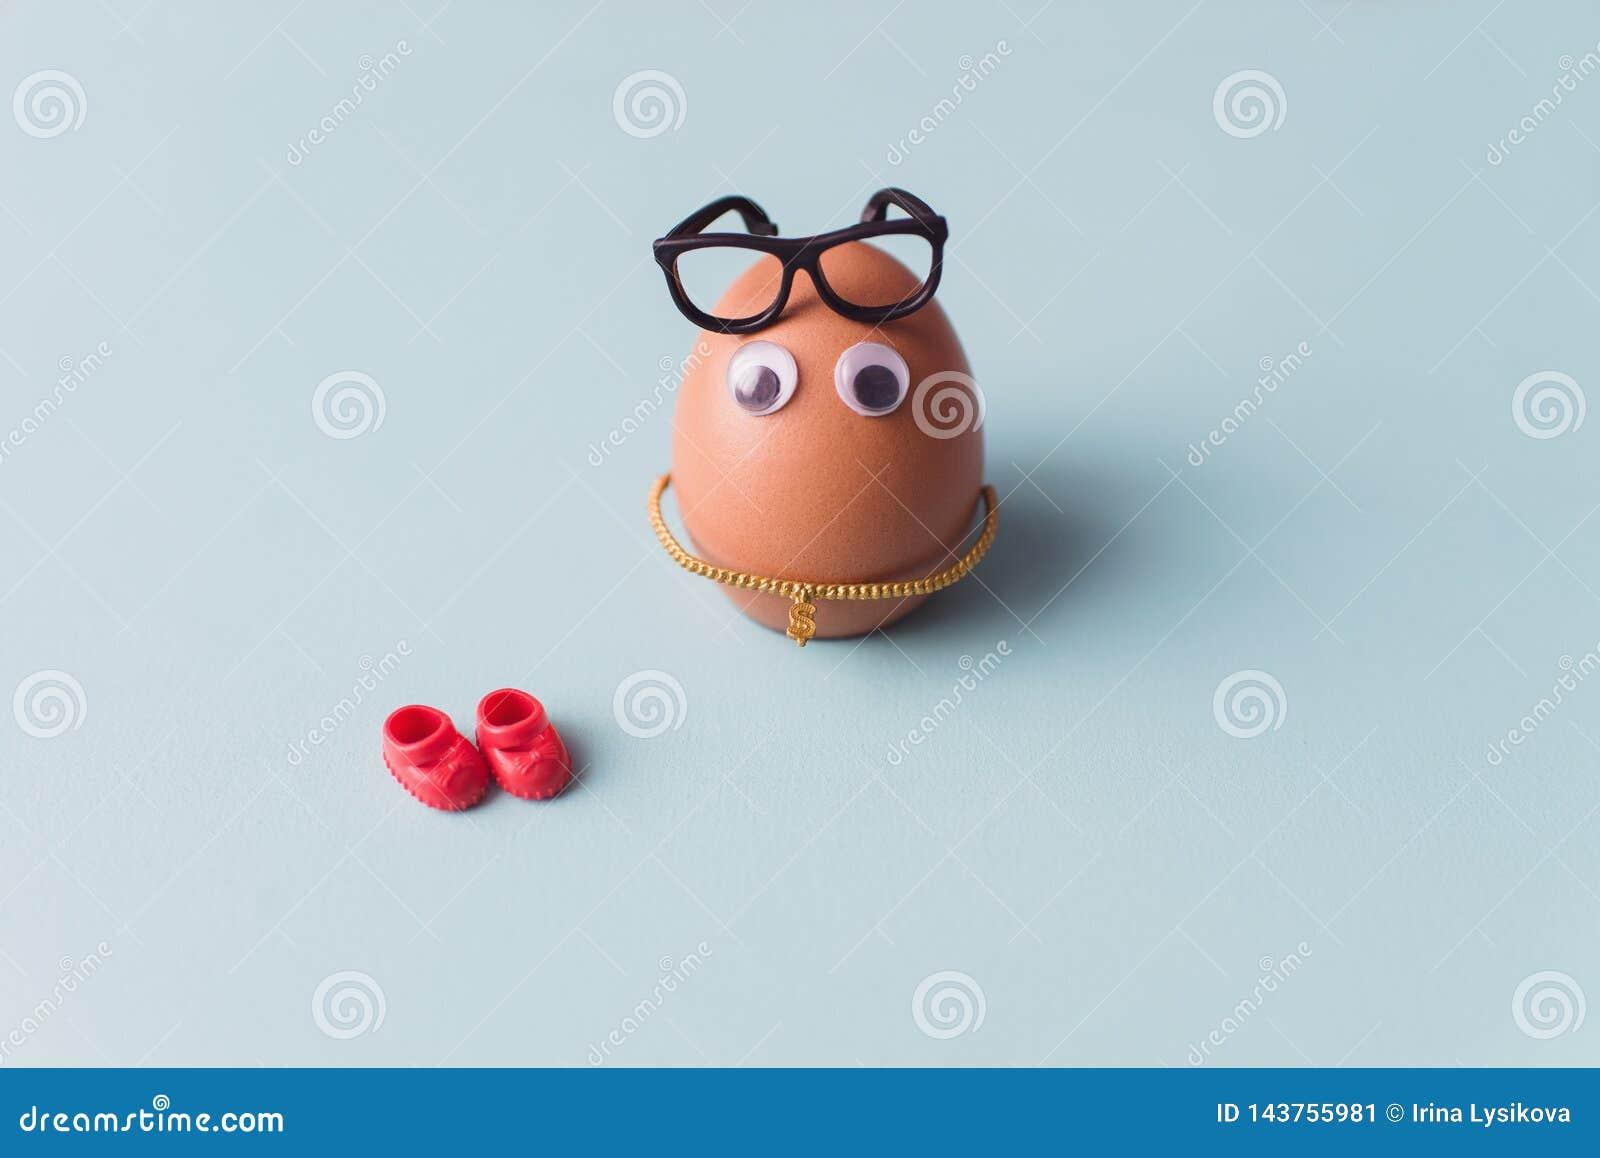 Un uovo marrone sveglio divertente con i vetri neri e le scarpe rosse su fondo blu